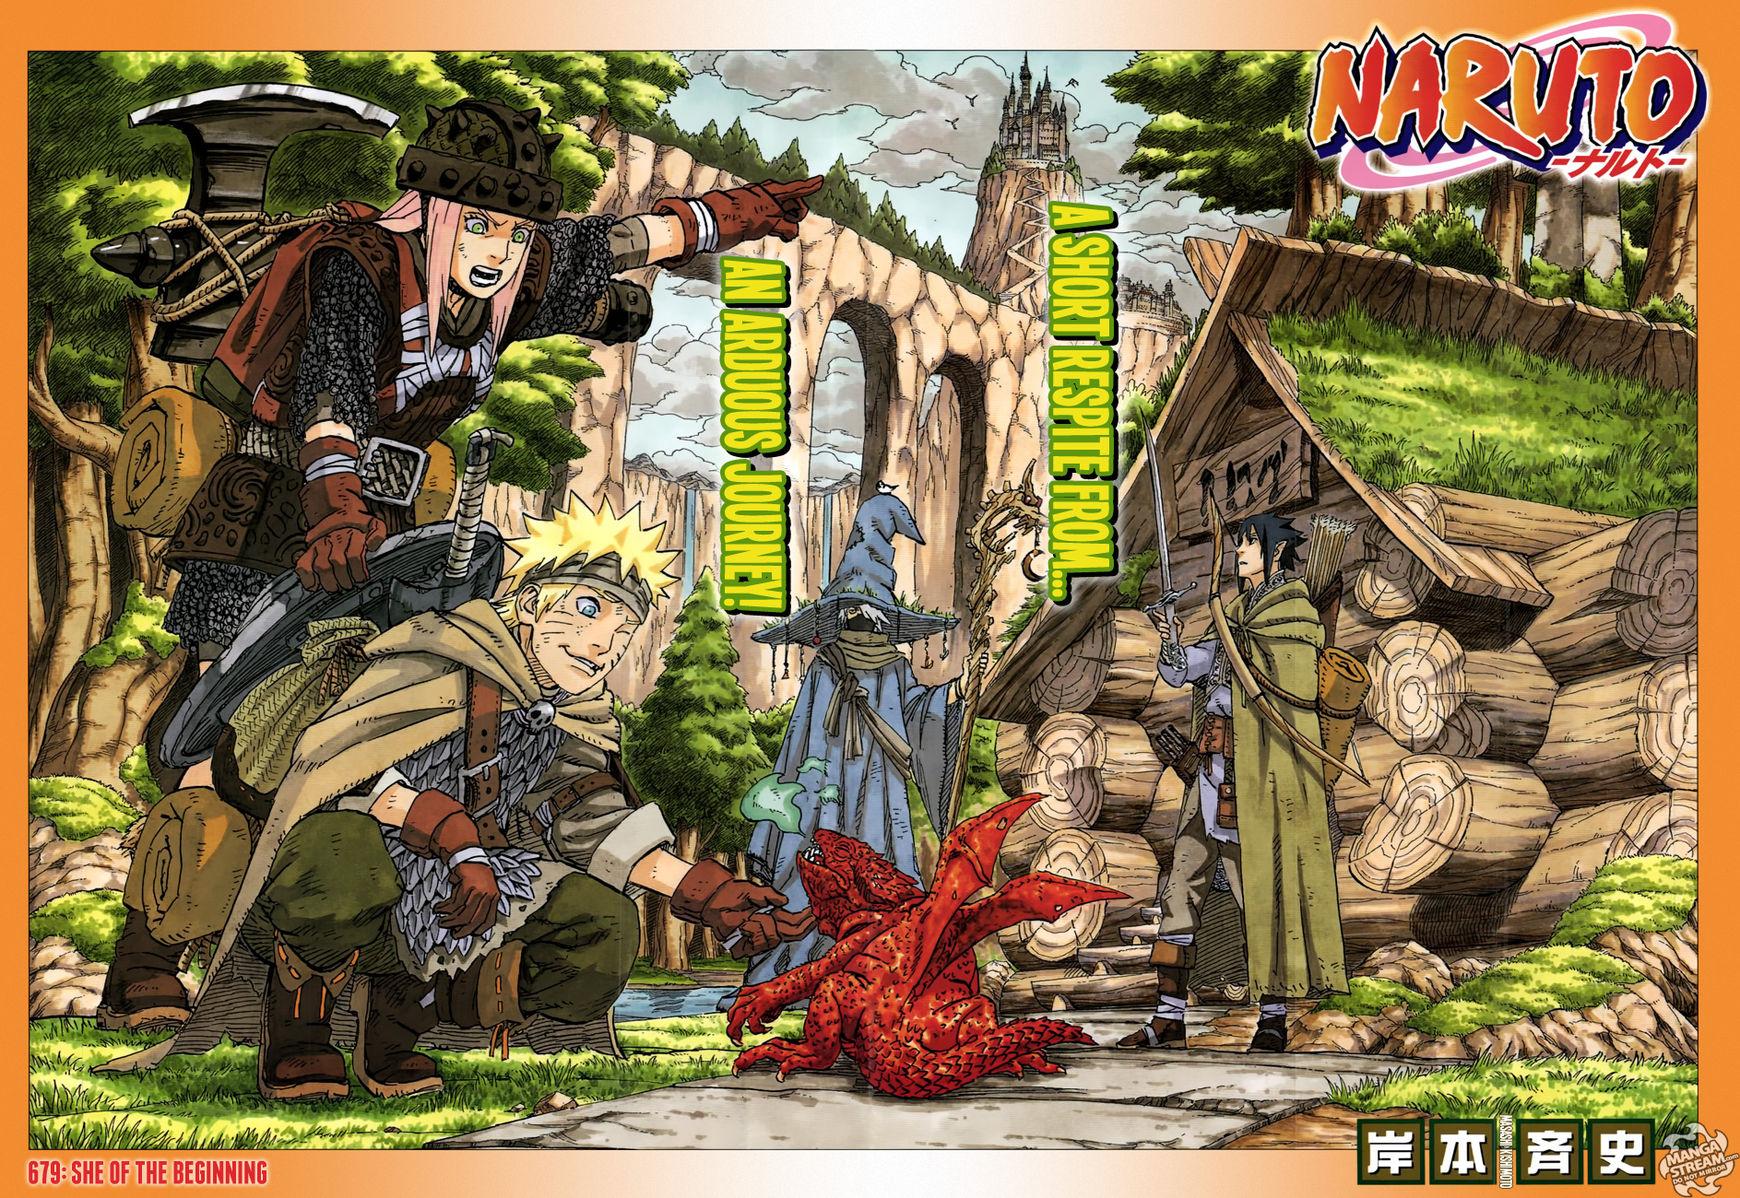 Naruto 679 Page 1